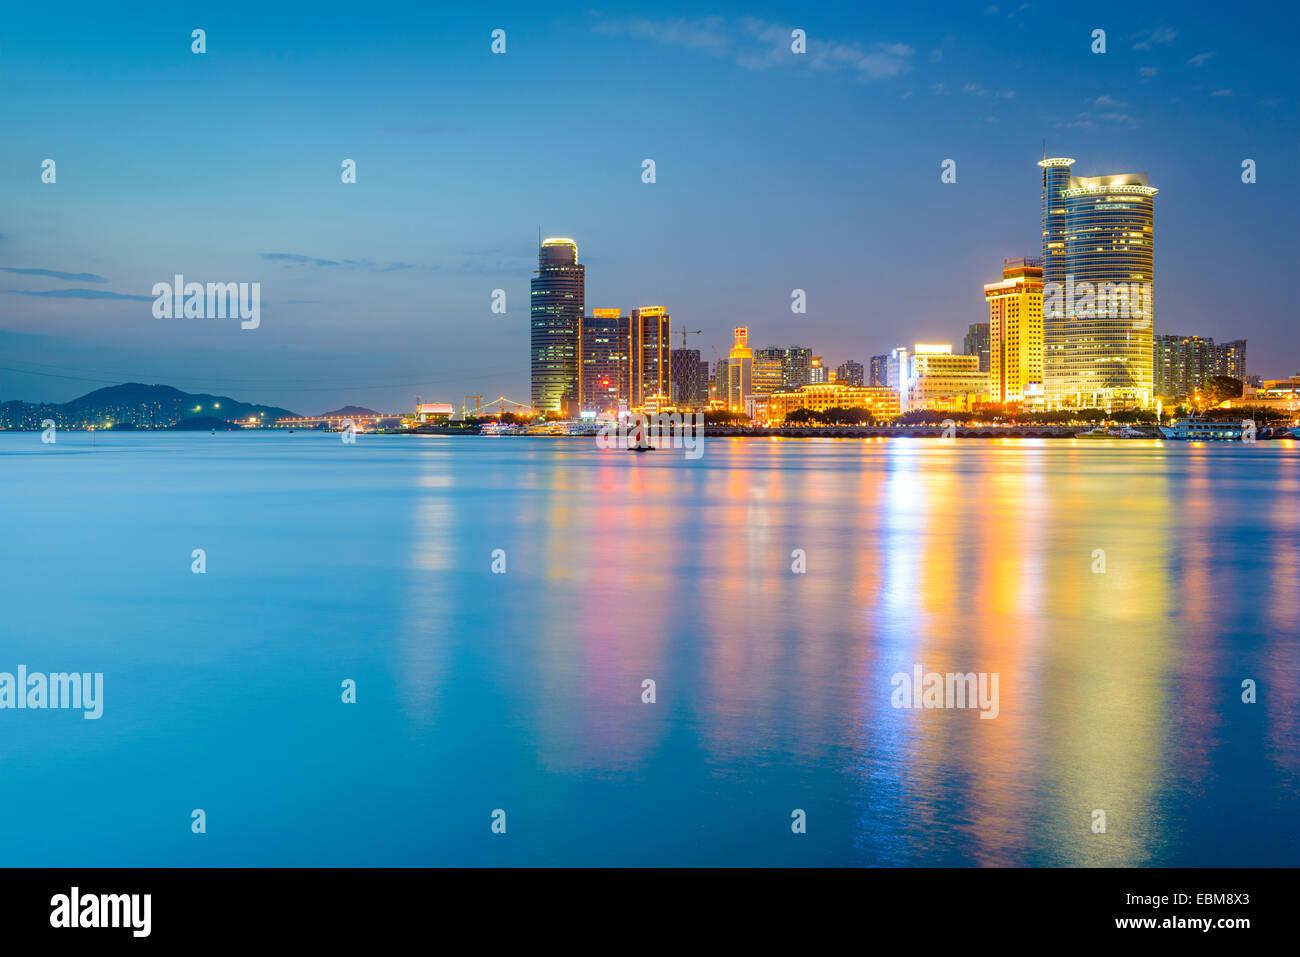 Xiamen, China skyline of Amoy Island. - Stock Image